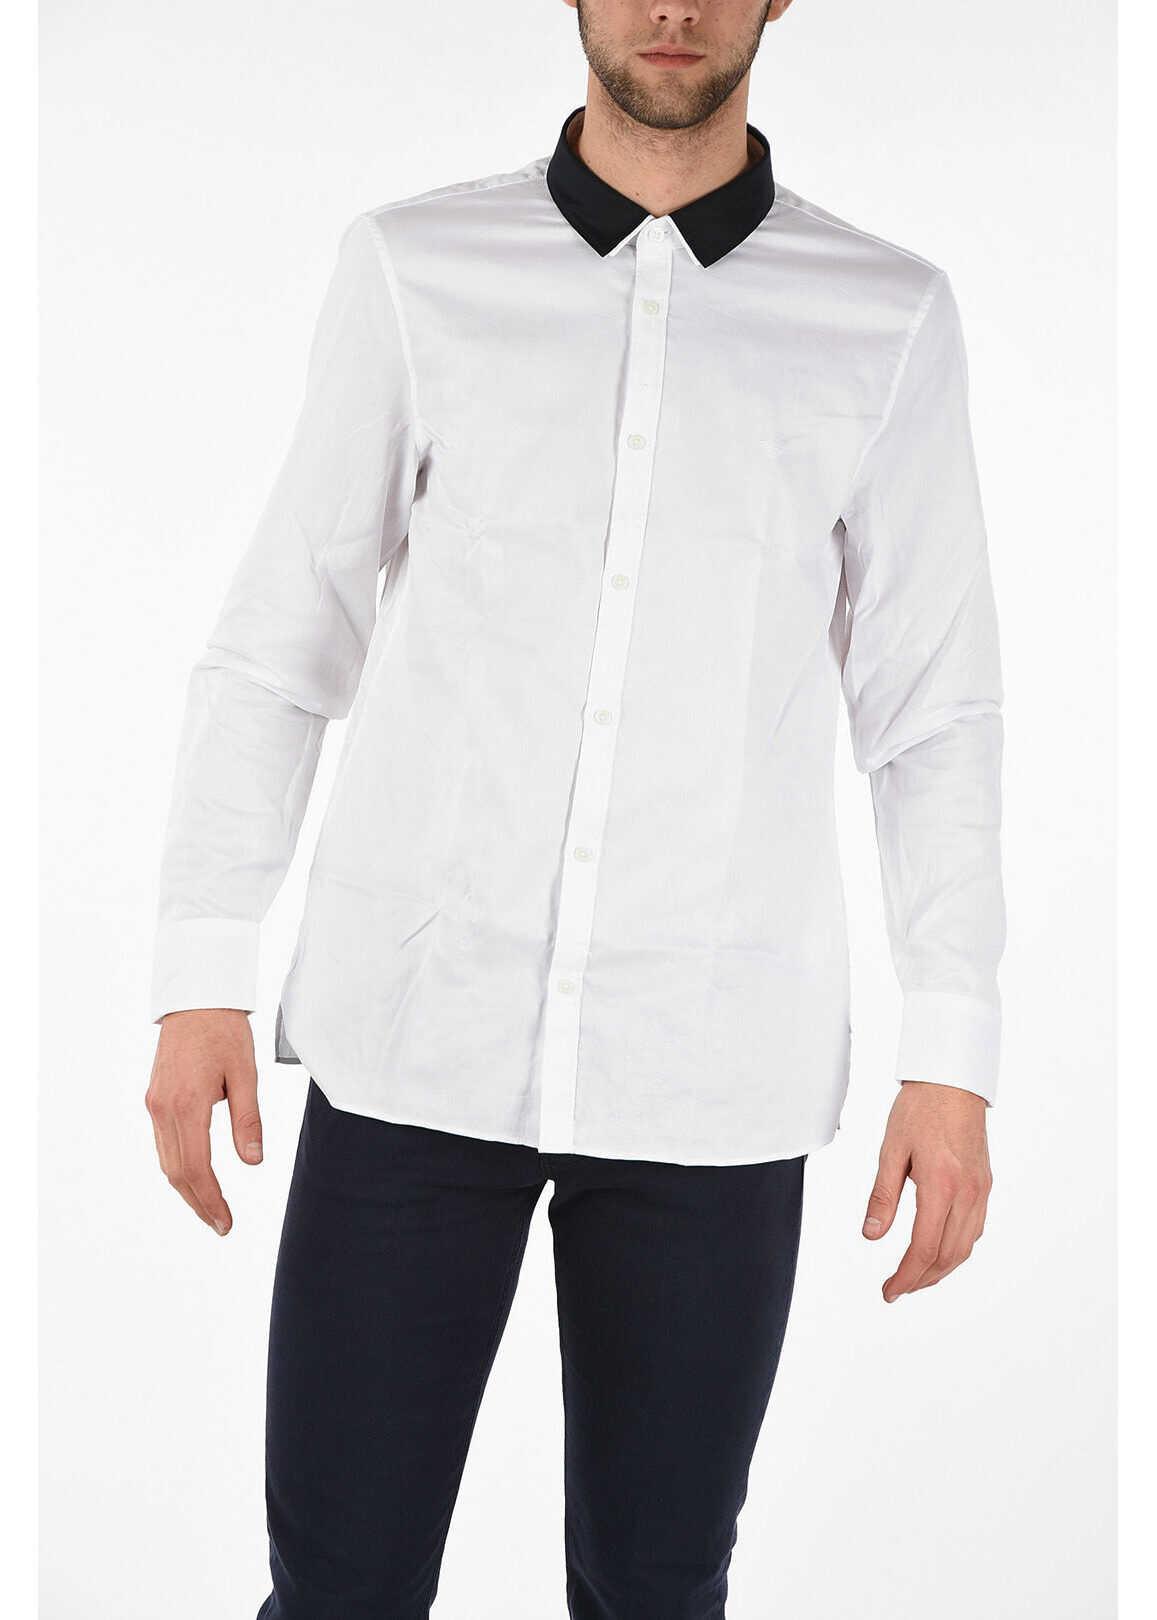 Armani EMPORIO Cotton Piqué Shirt WHITE